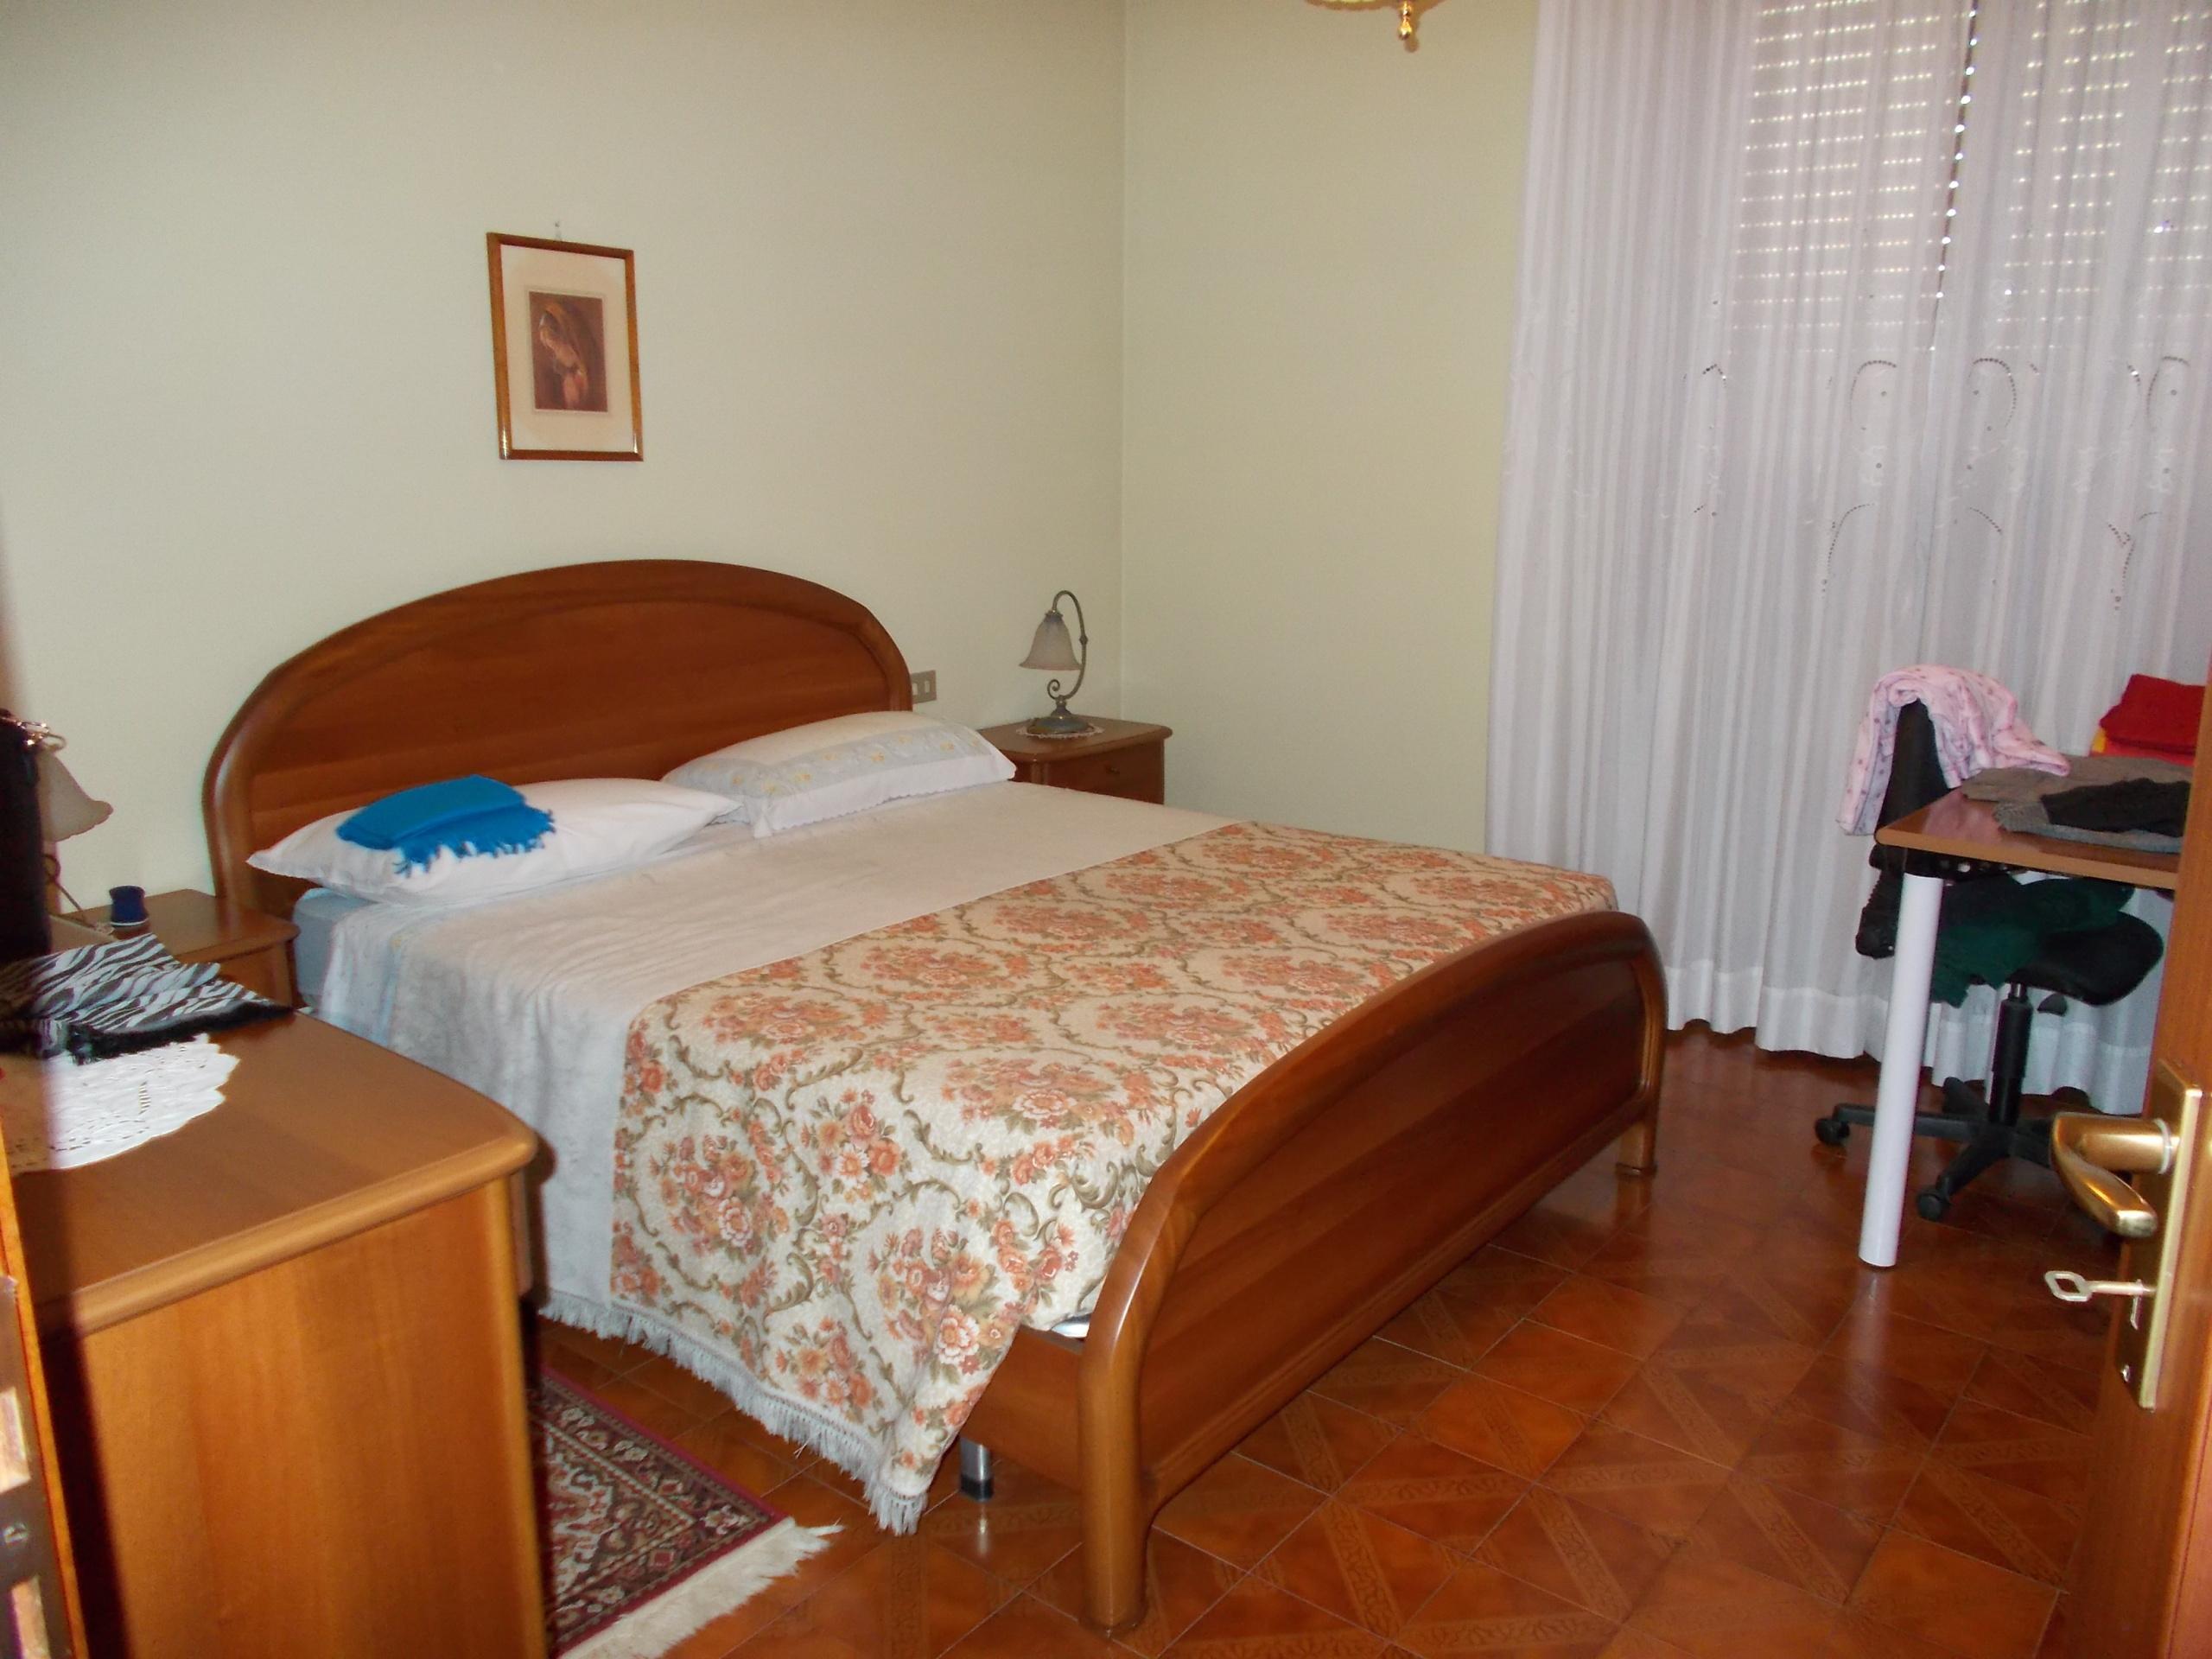 Esterni Casalbuttano : Codice apartment bedrooms for sale a casalbuttano ed